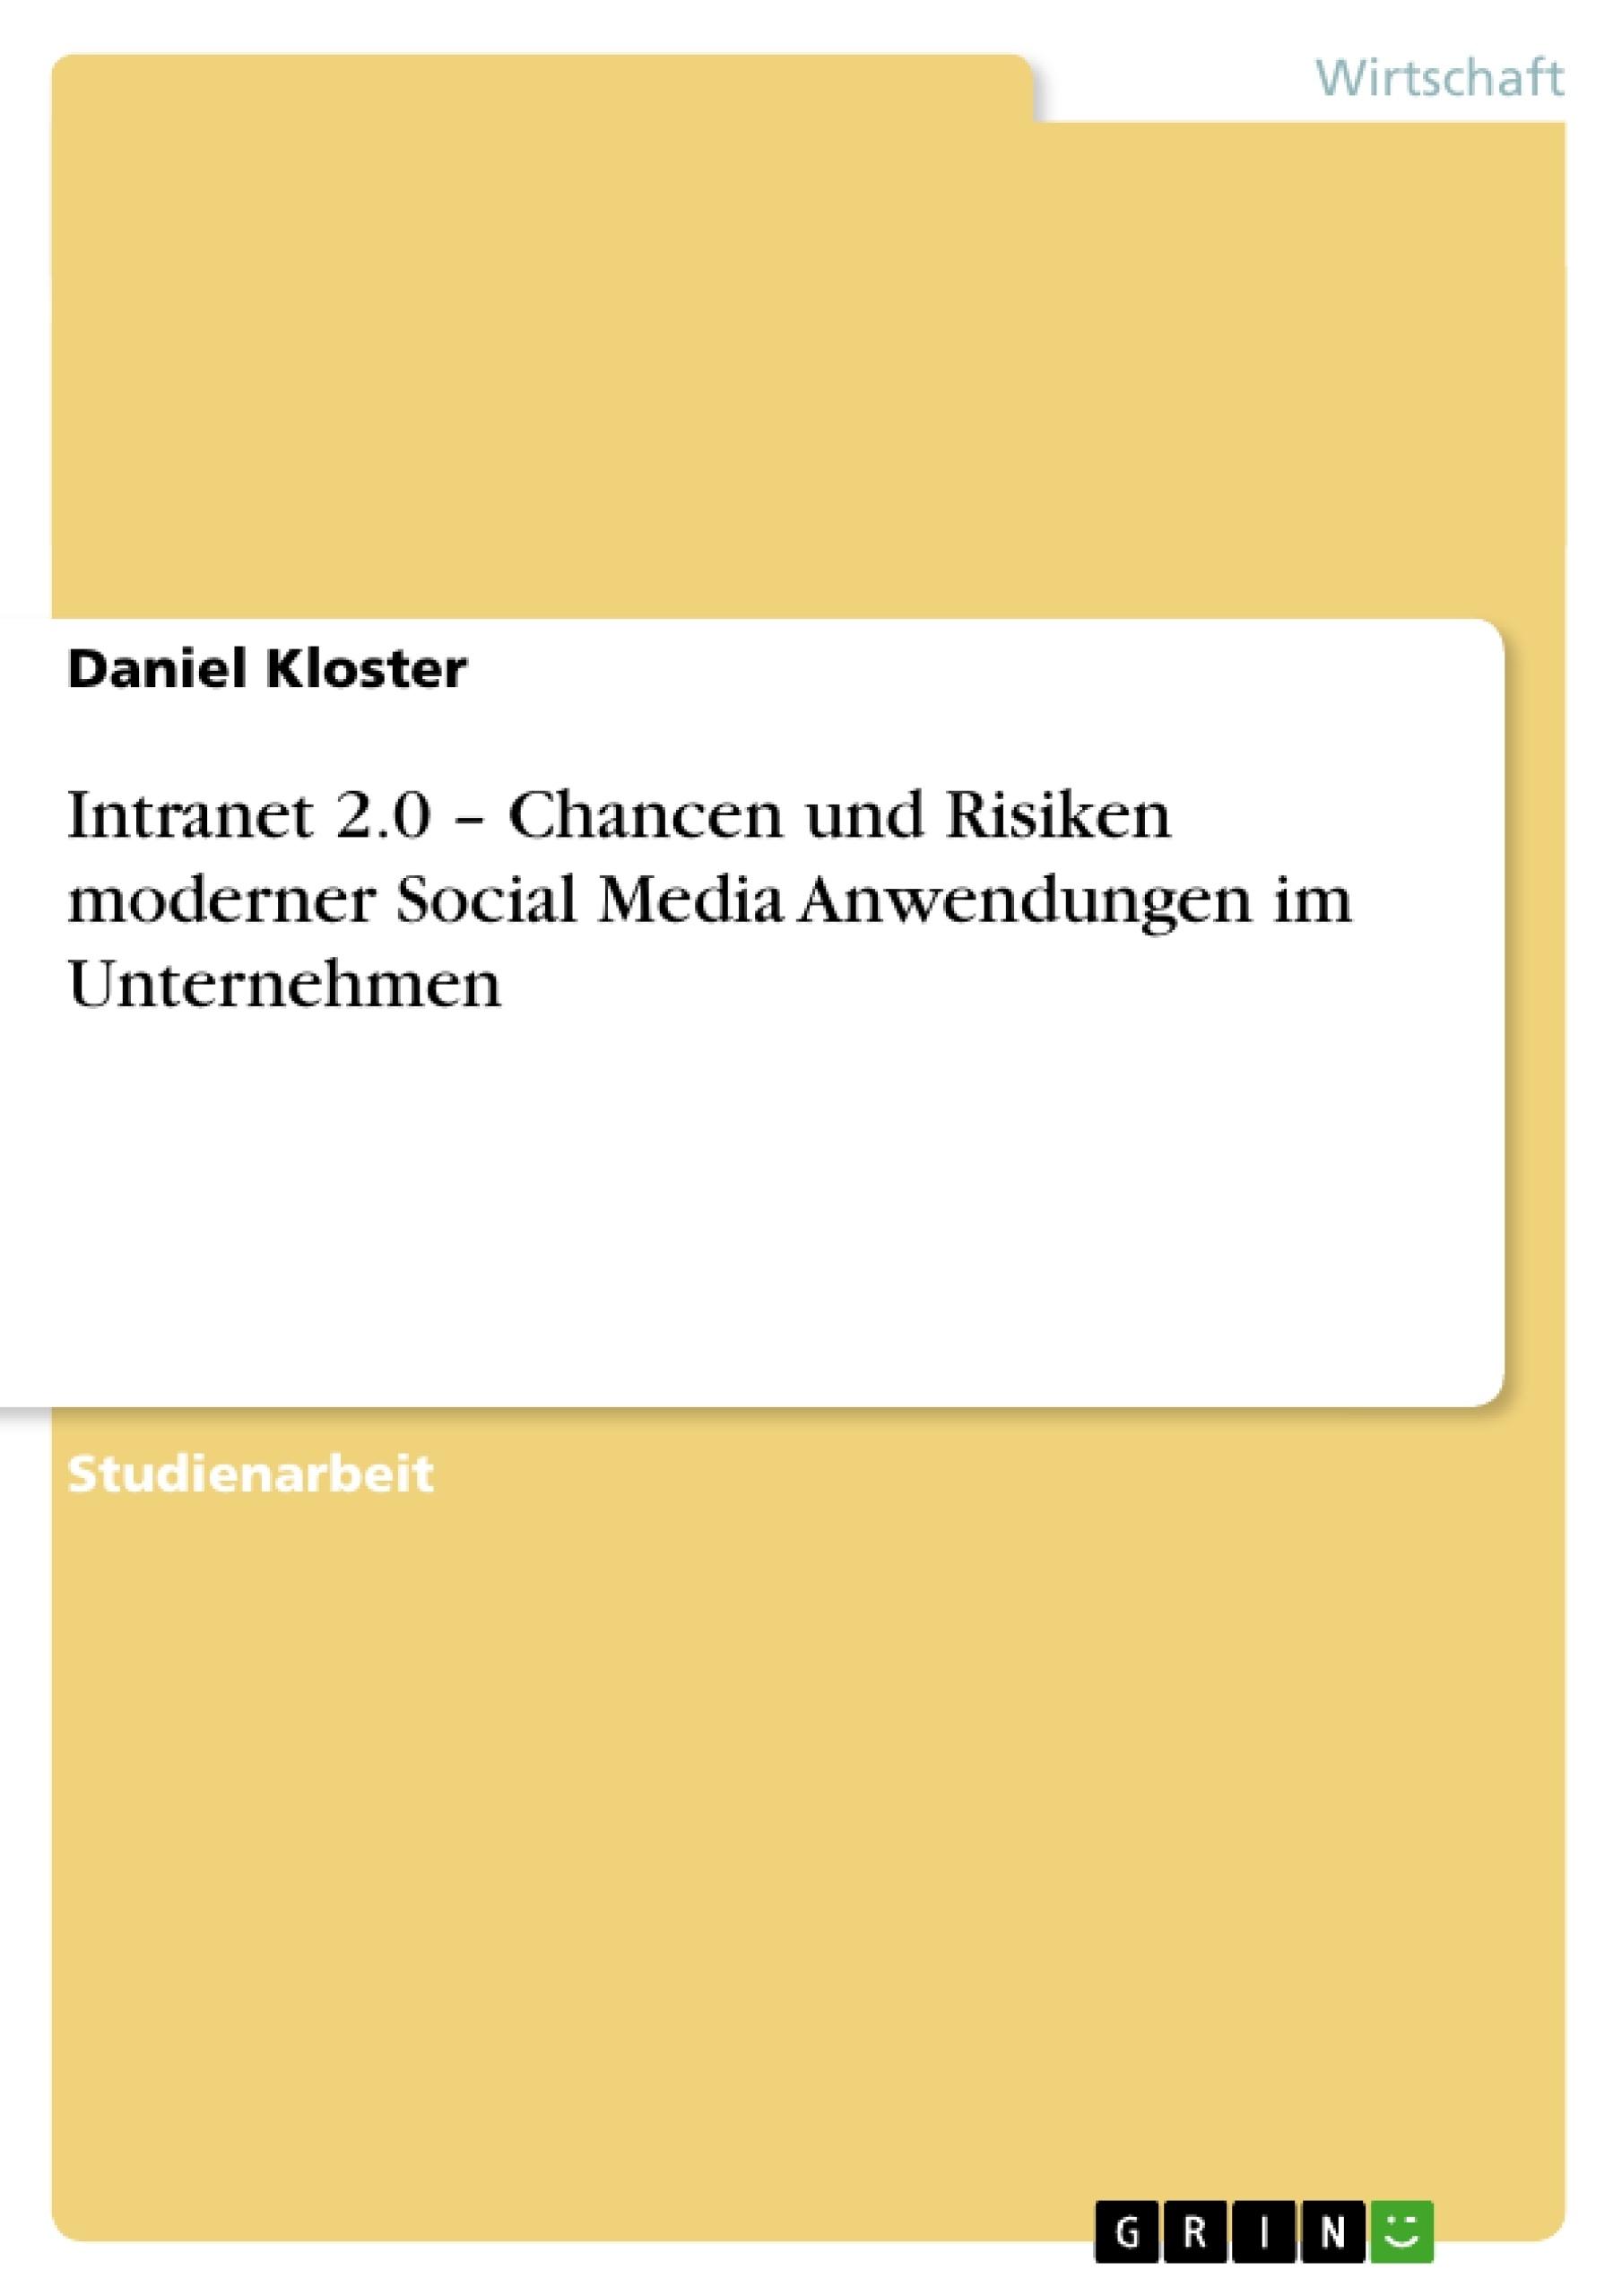 Titel: Intranet 2.0 – Chancen und Risiken moderner Social Media Anwendungen im Unternehmen